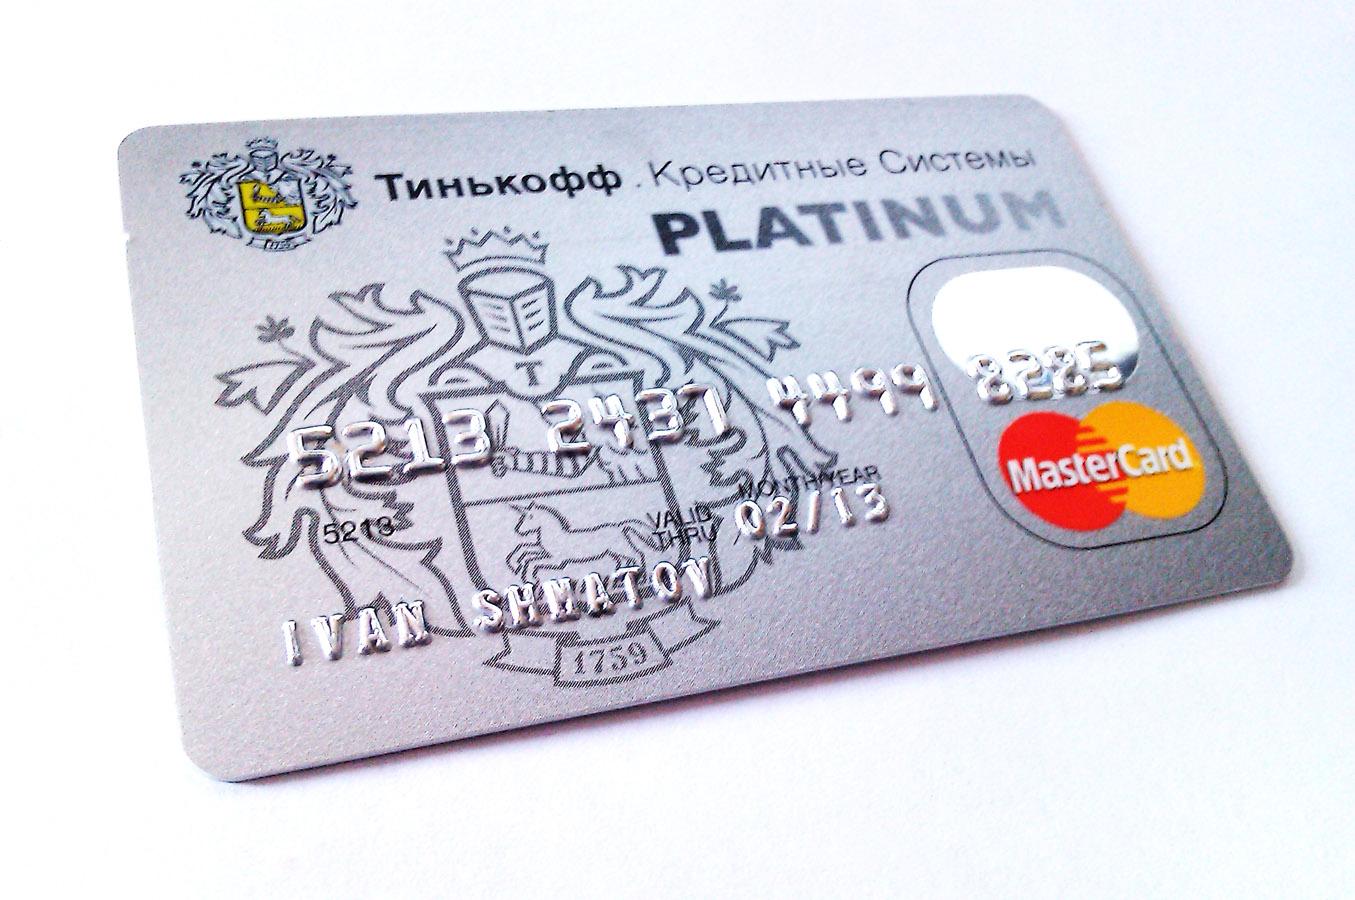 kreditnaya-karta-tinkoff-otzyvy_1